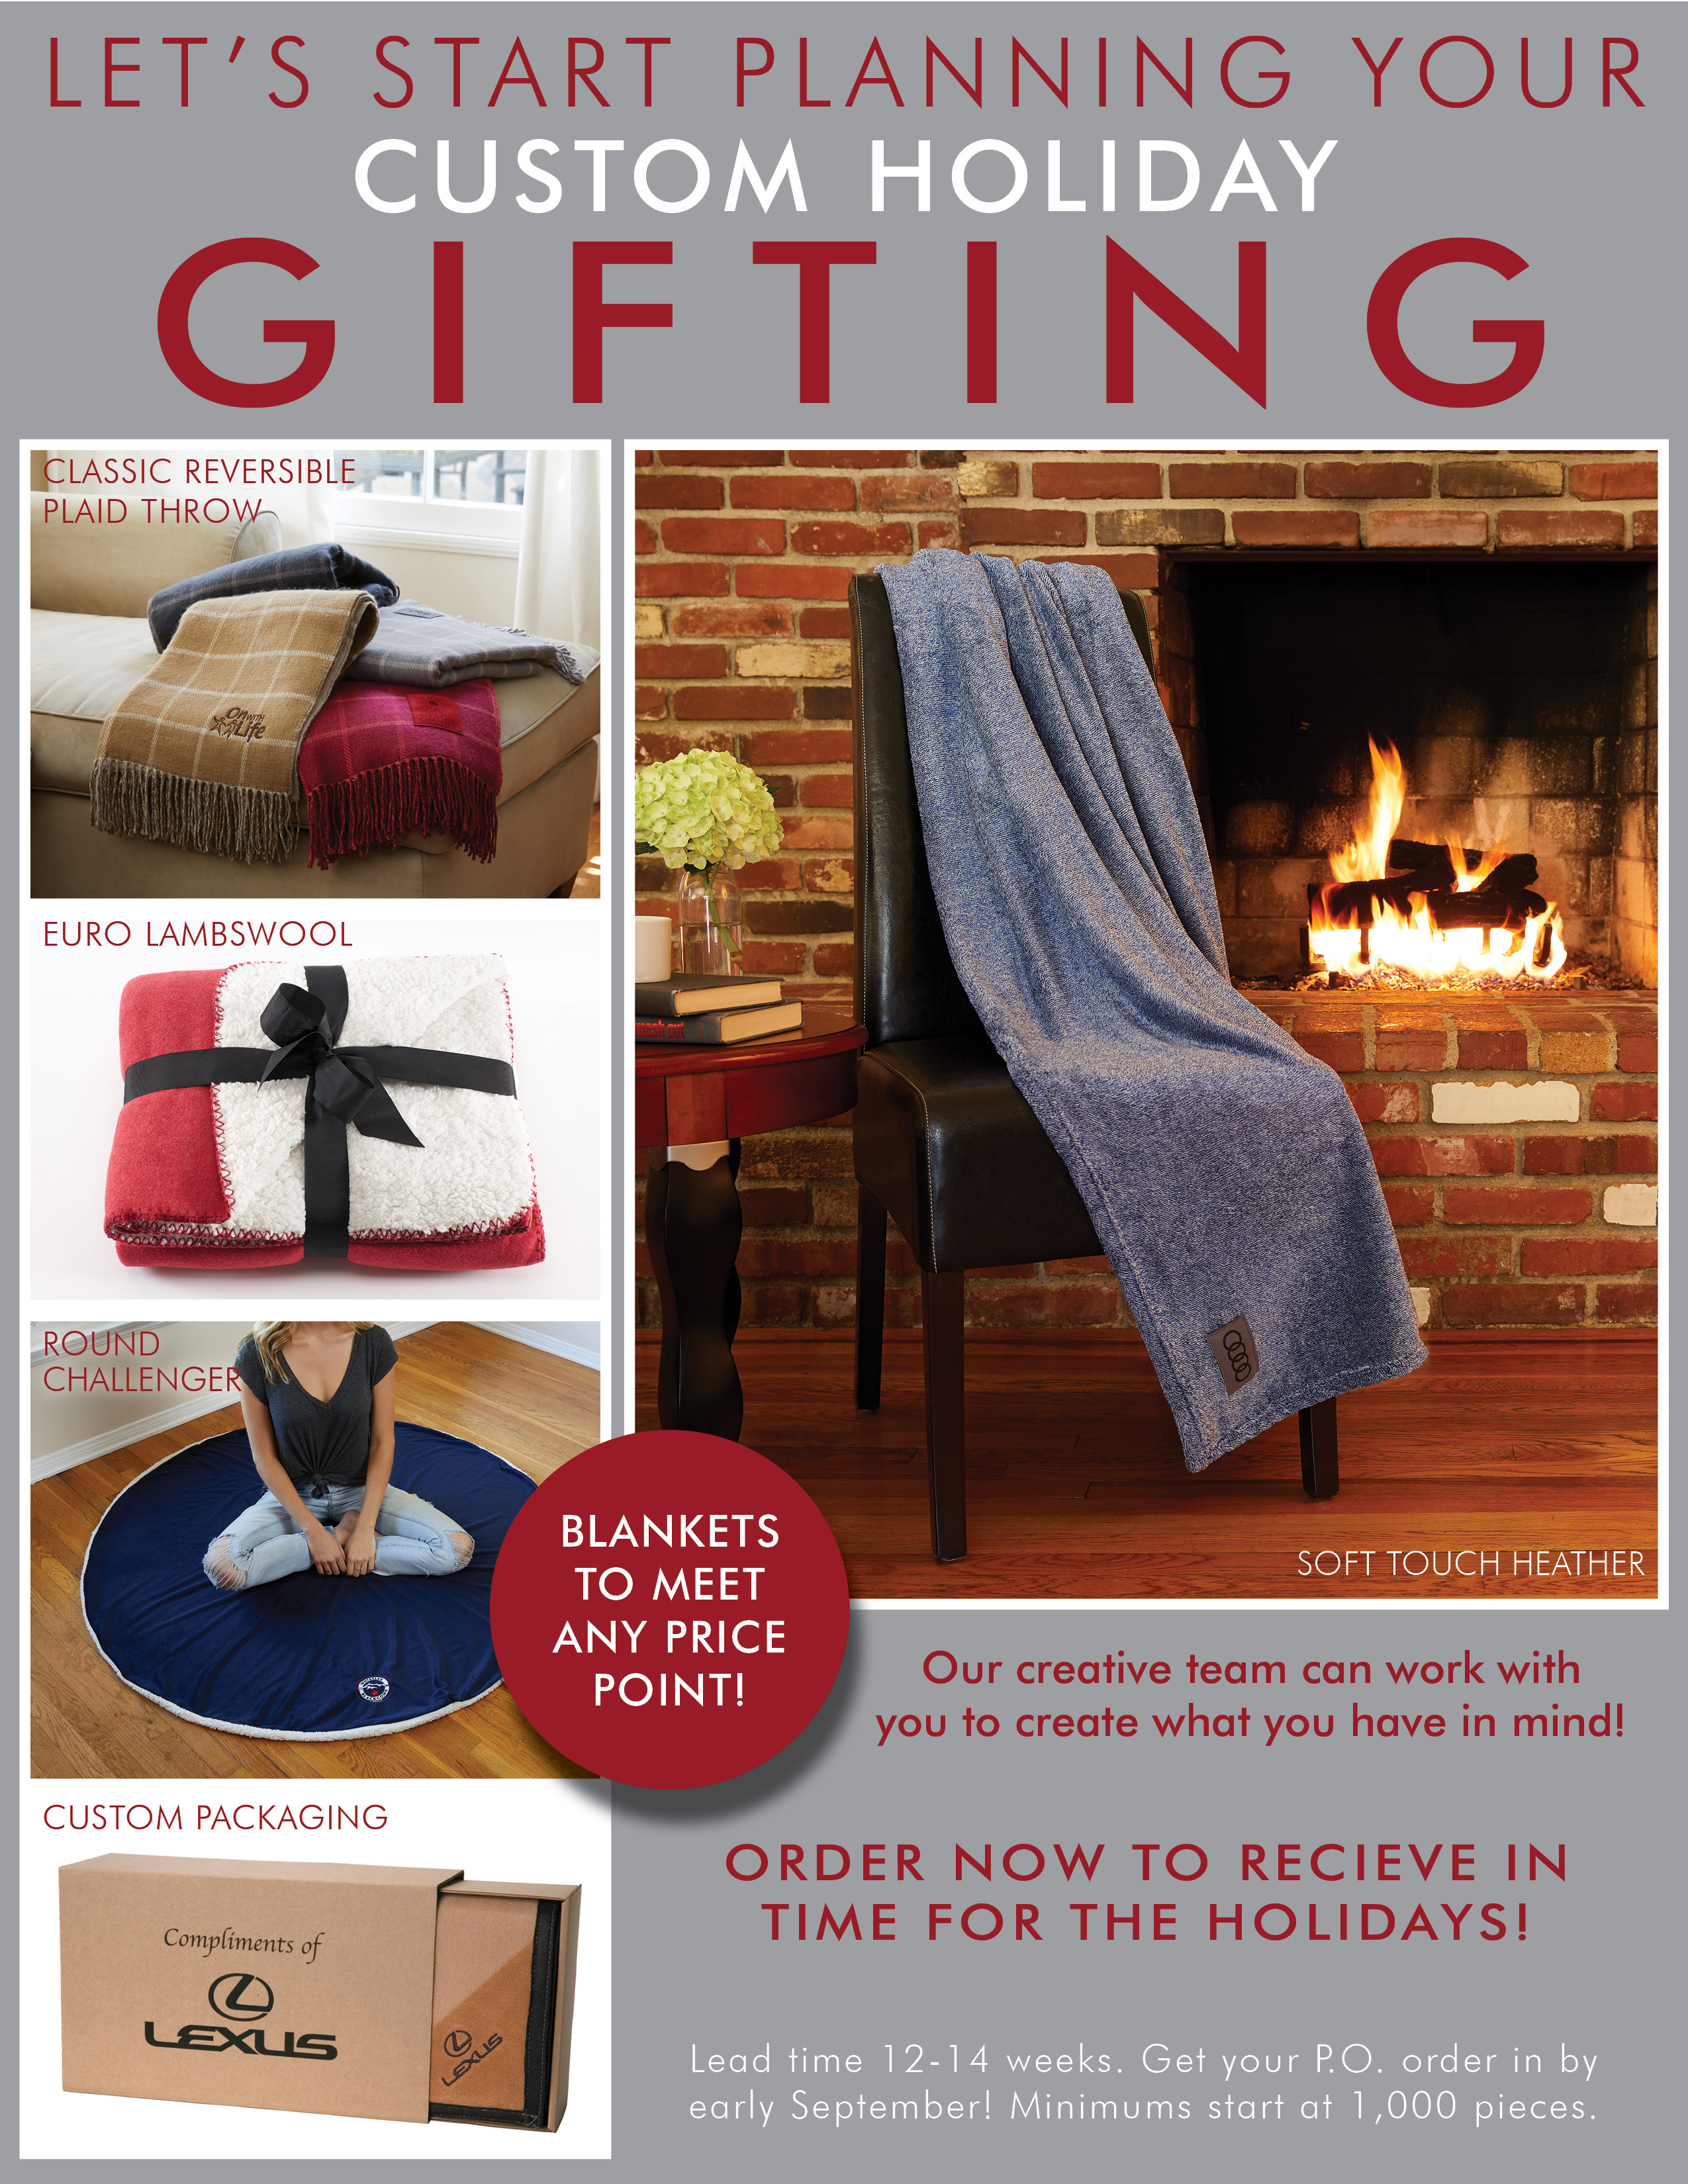 Custom Holiday Gifting